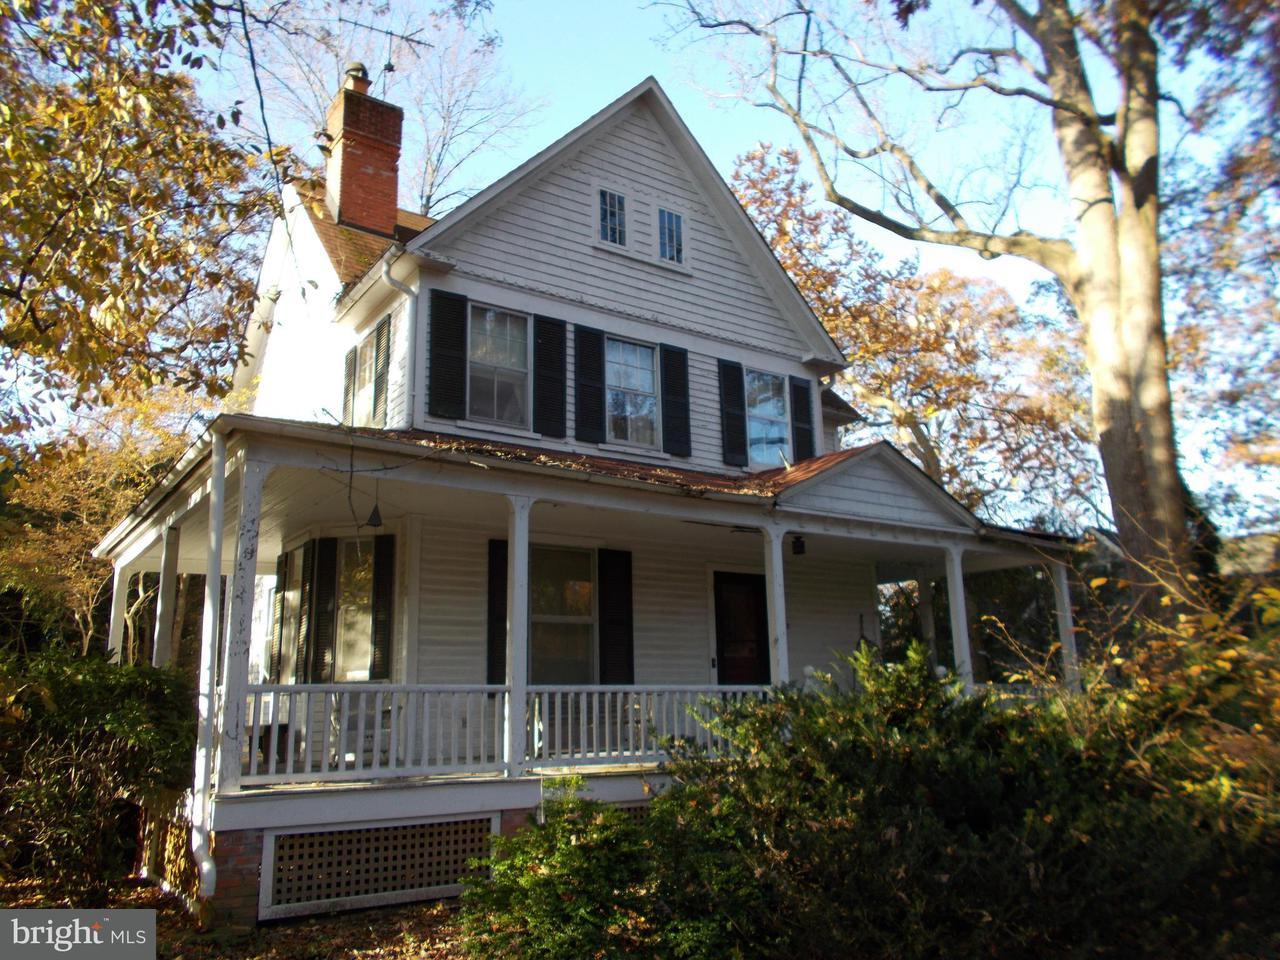 Частный односемейный дом для того Продажа на 11112 KENILWORTH Avenue 11112 KENILWORTH Avenue Garrett Park, Мэриленд 20896 Соединенные Штаты